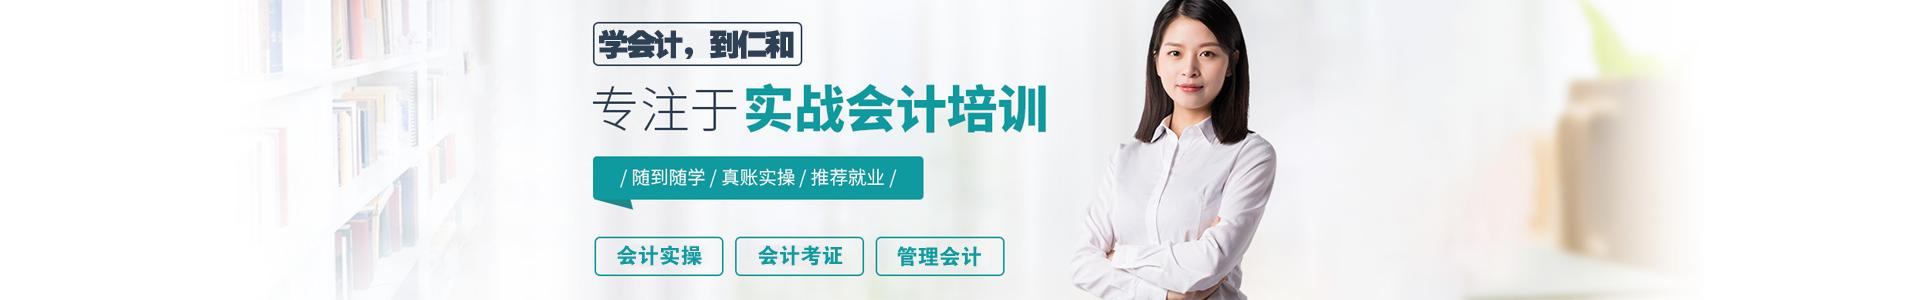 嘉兴仁和会计betway体育app学校 横幅广告